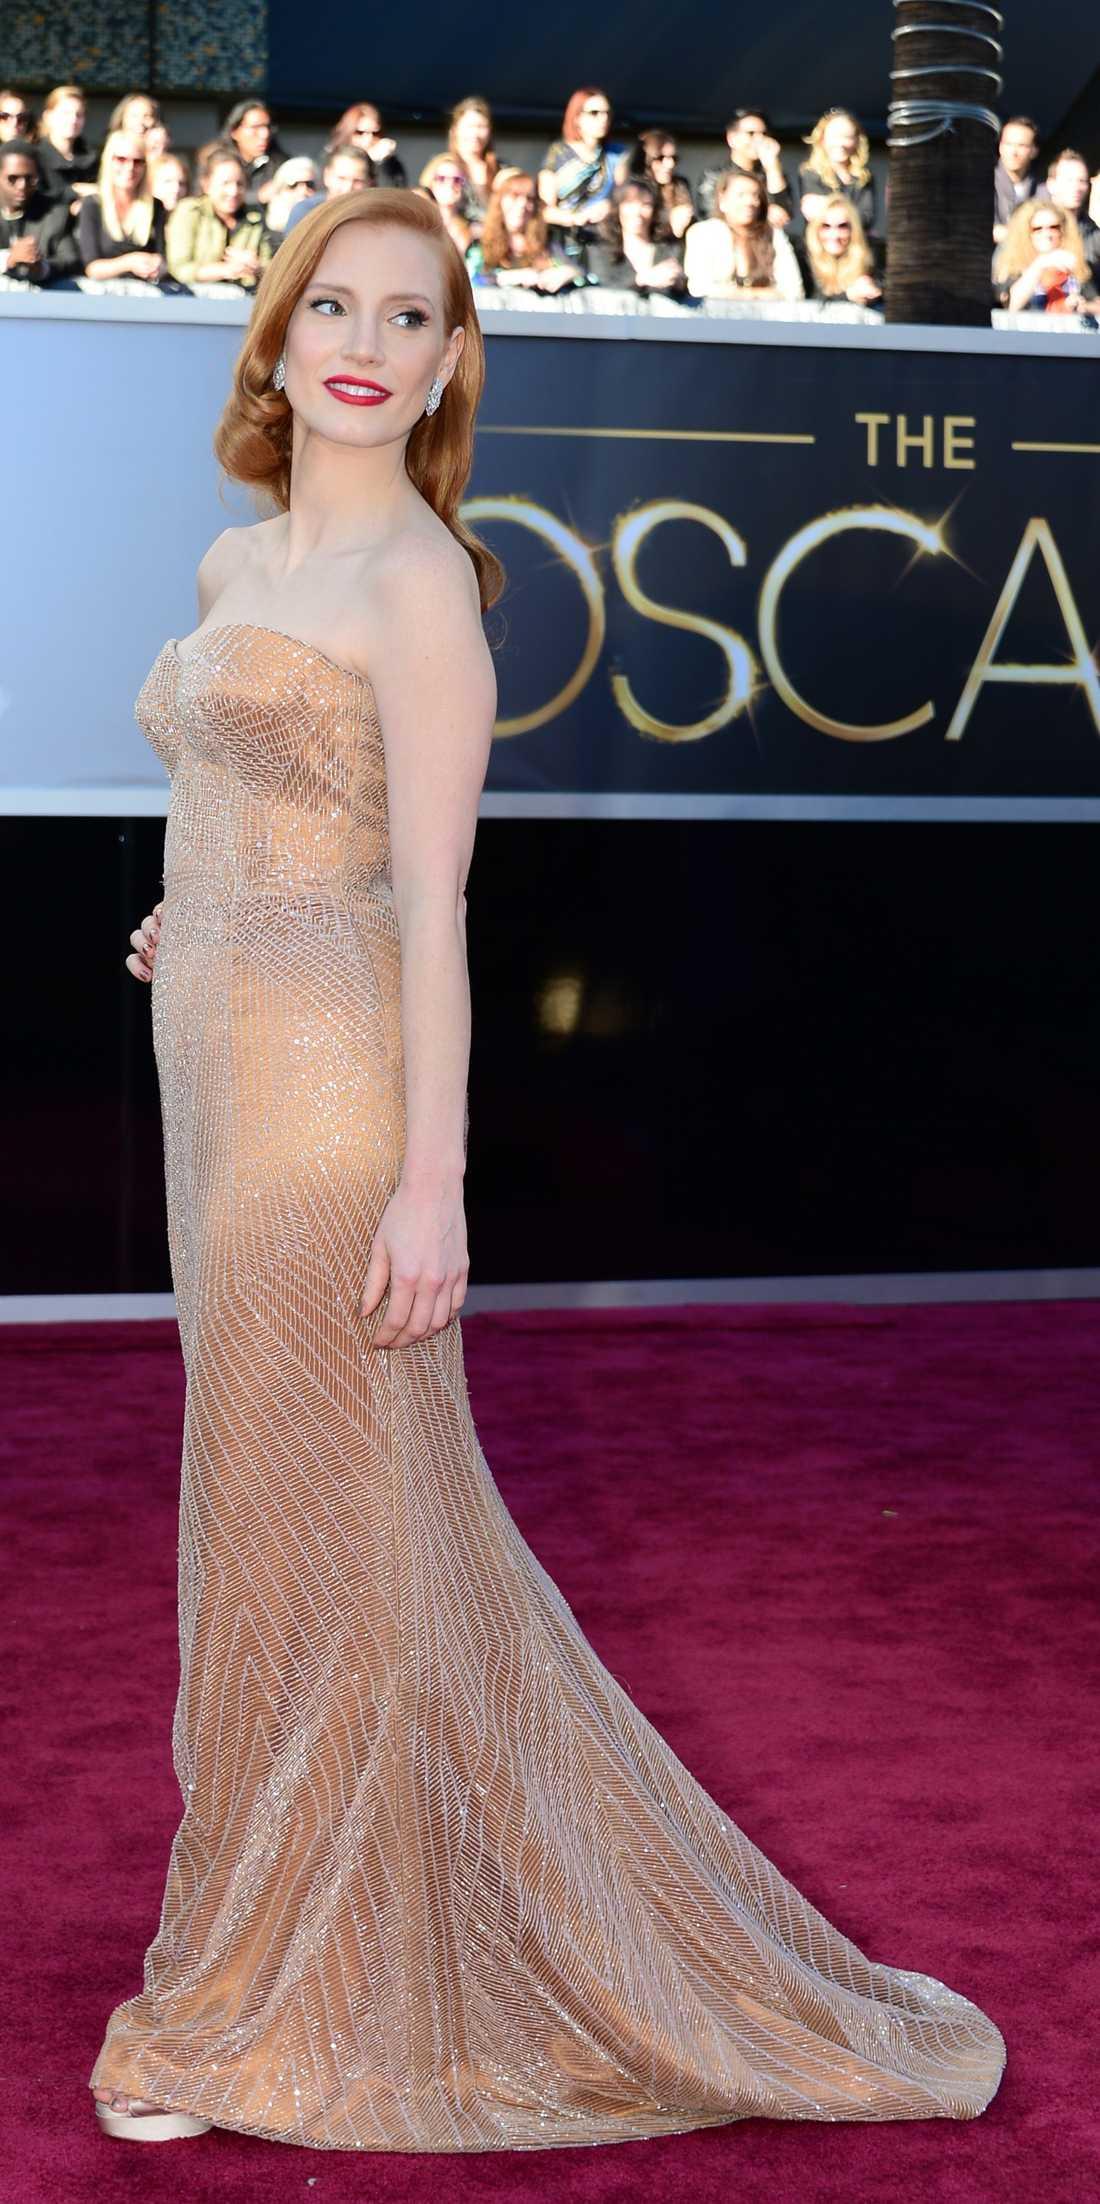 Jessica Chastain  Oväntat trist val av den annars rätt så spännande Chastain. Korsetten i sig är bländande vacker och kopparfärg känns väldigt fräscht. Men modellen är lite väl snark från Armani. Superplus dock för grymt Hollywood-hår! 2 plus